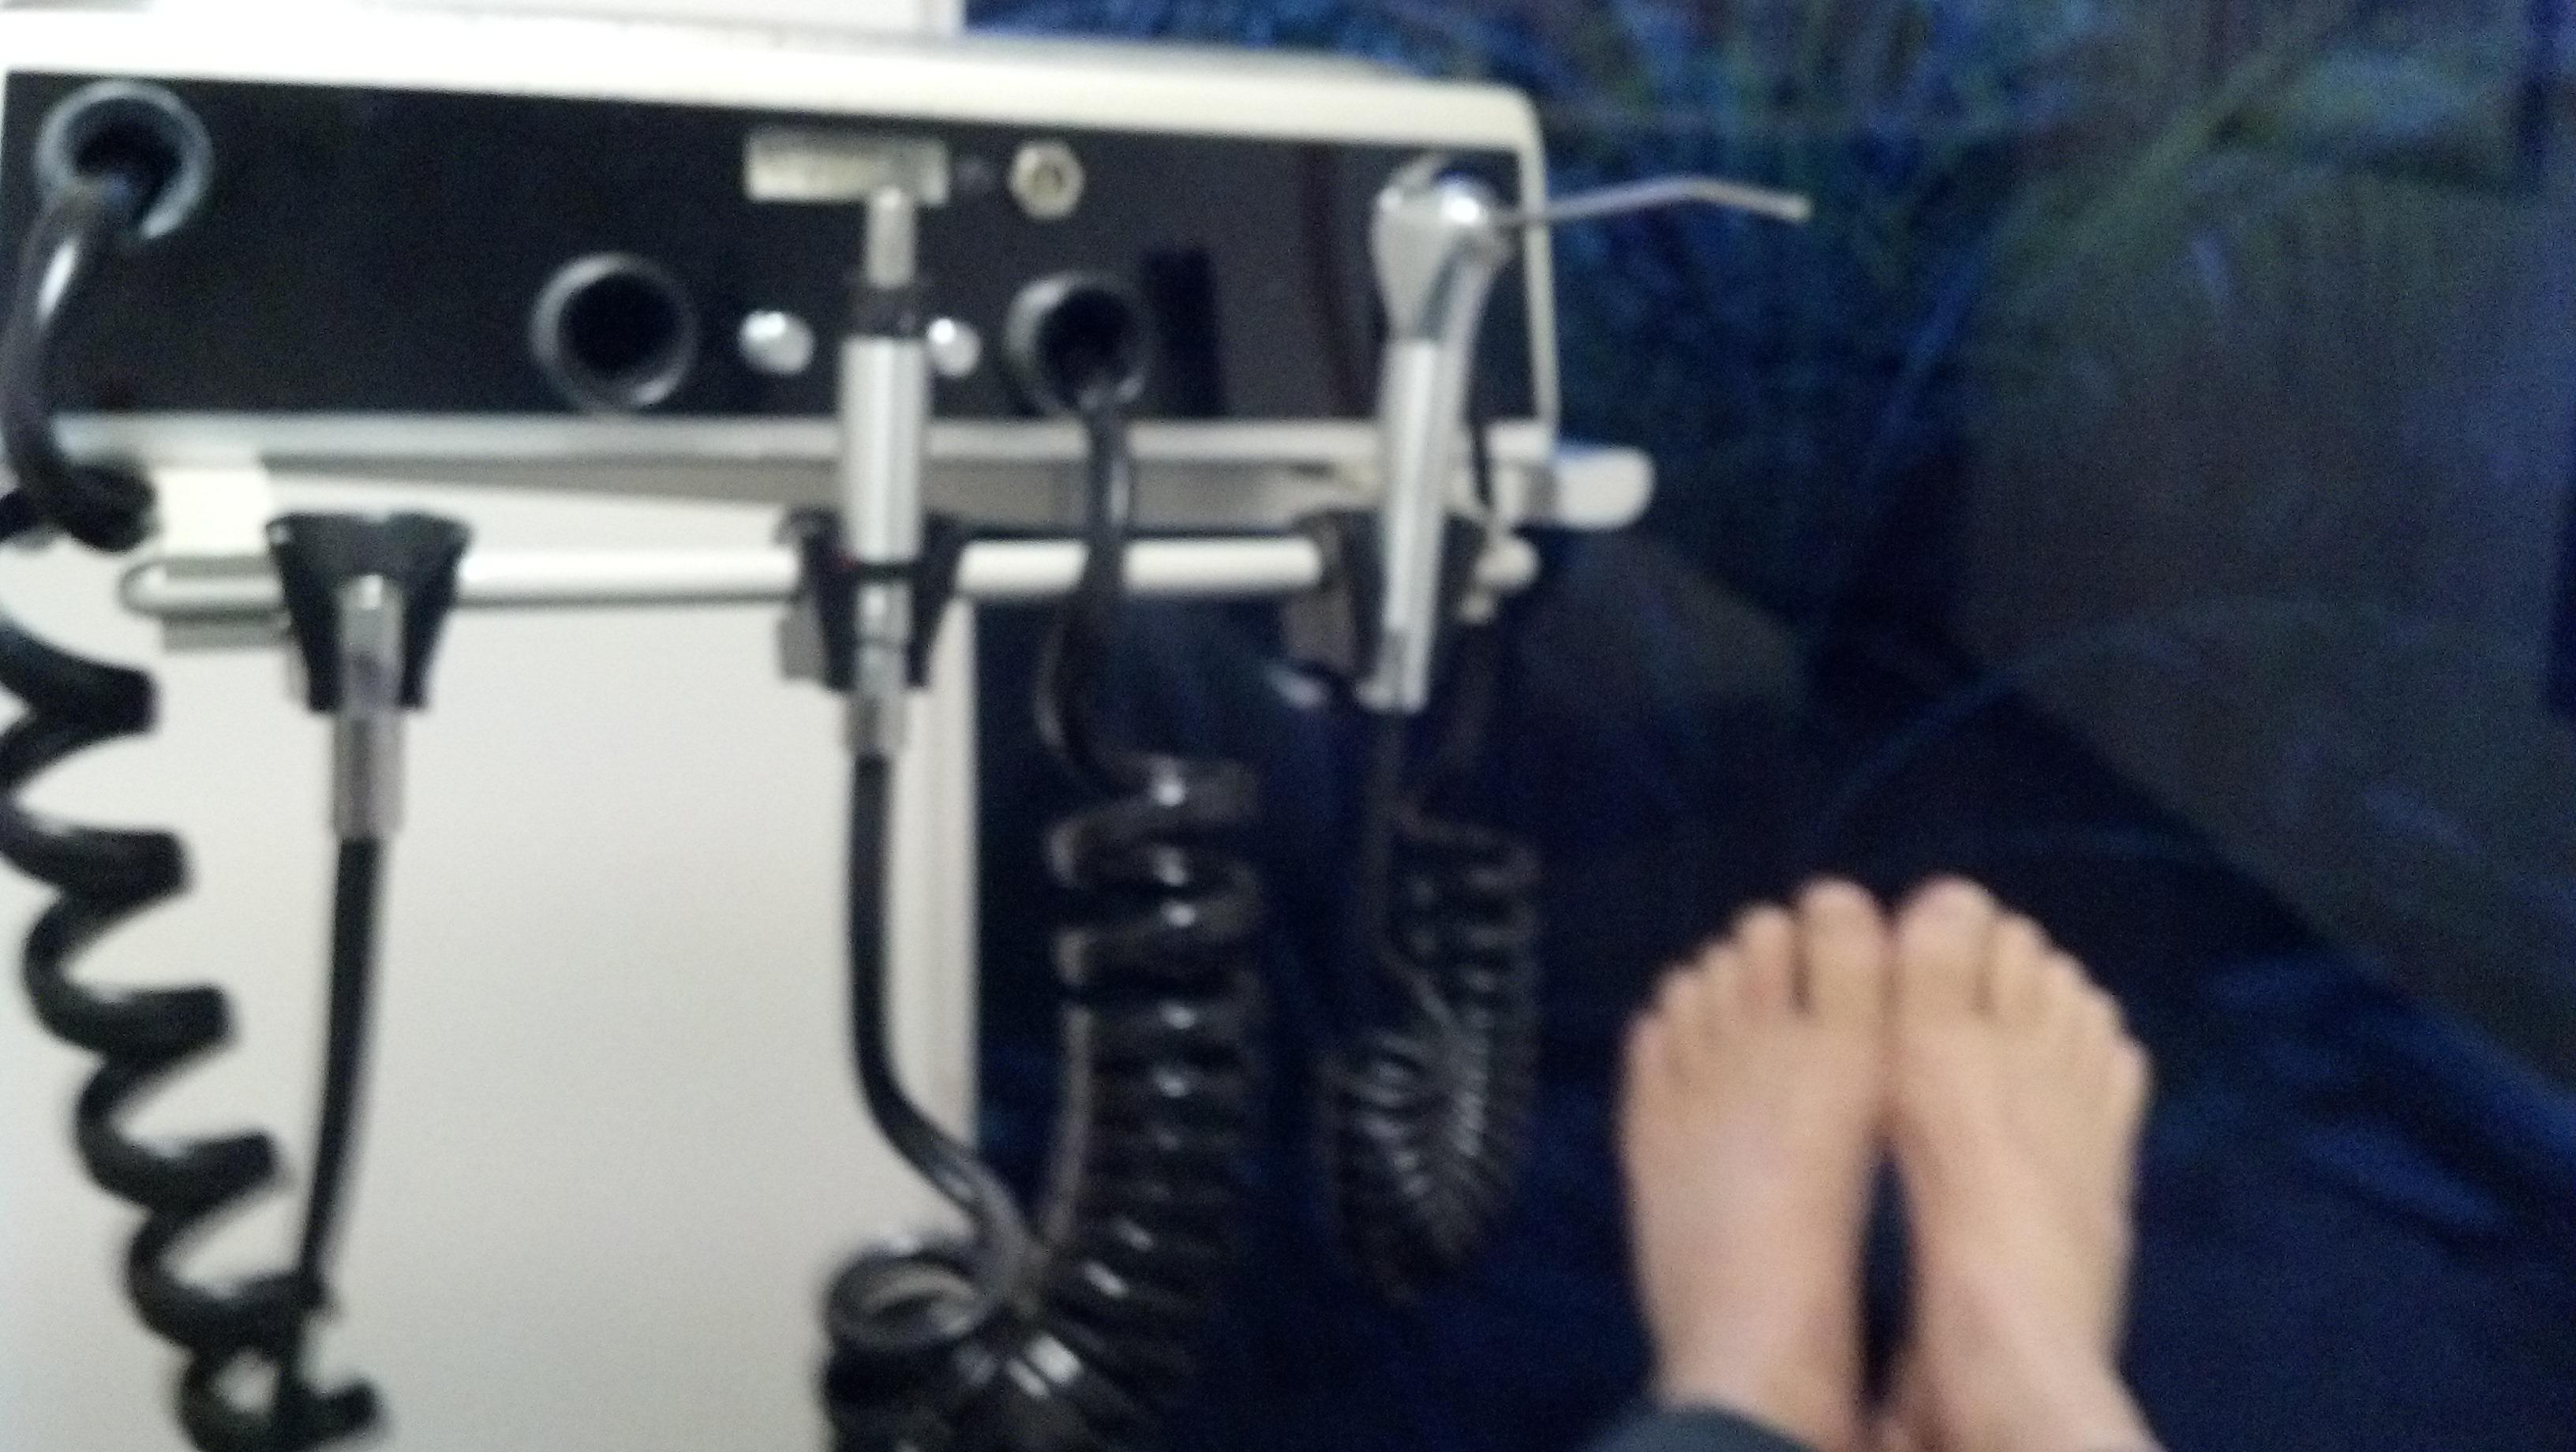 Ken Bob's feet 2012 November 02 at the dentist office